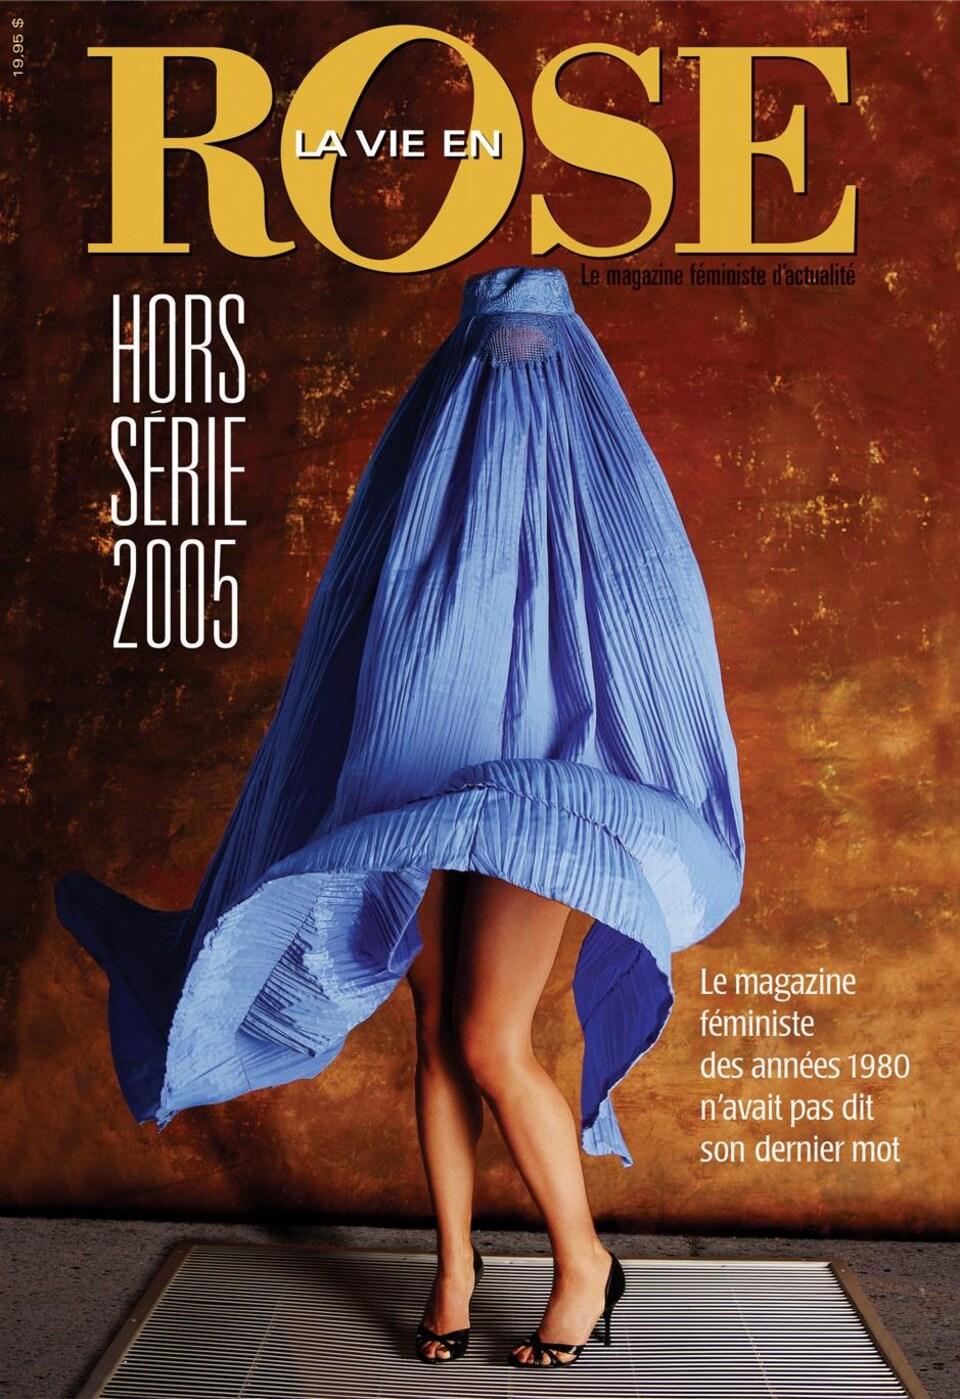 La photo d'une femme avec une burka bleue debout sur une bouche de métro qui souffle de l'air et montre les jambes de la femme